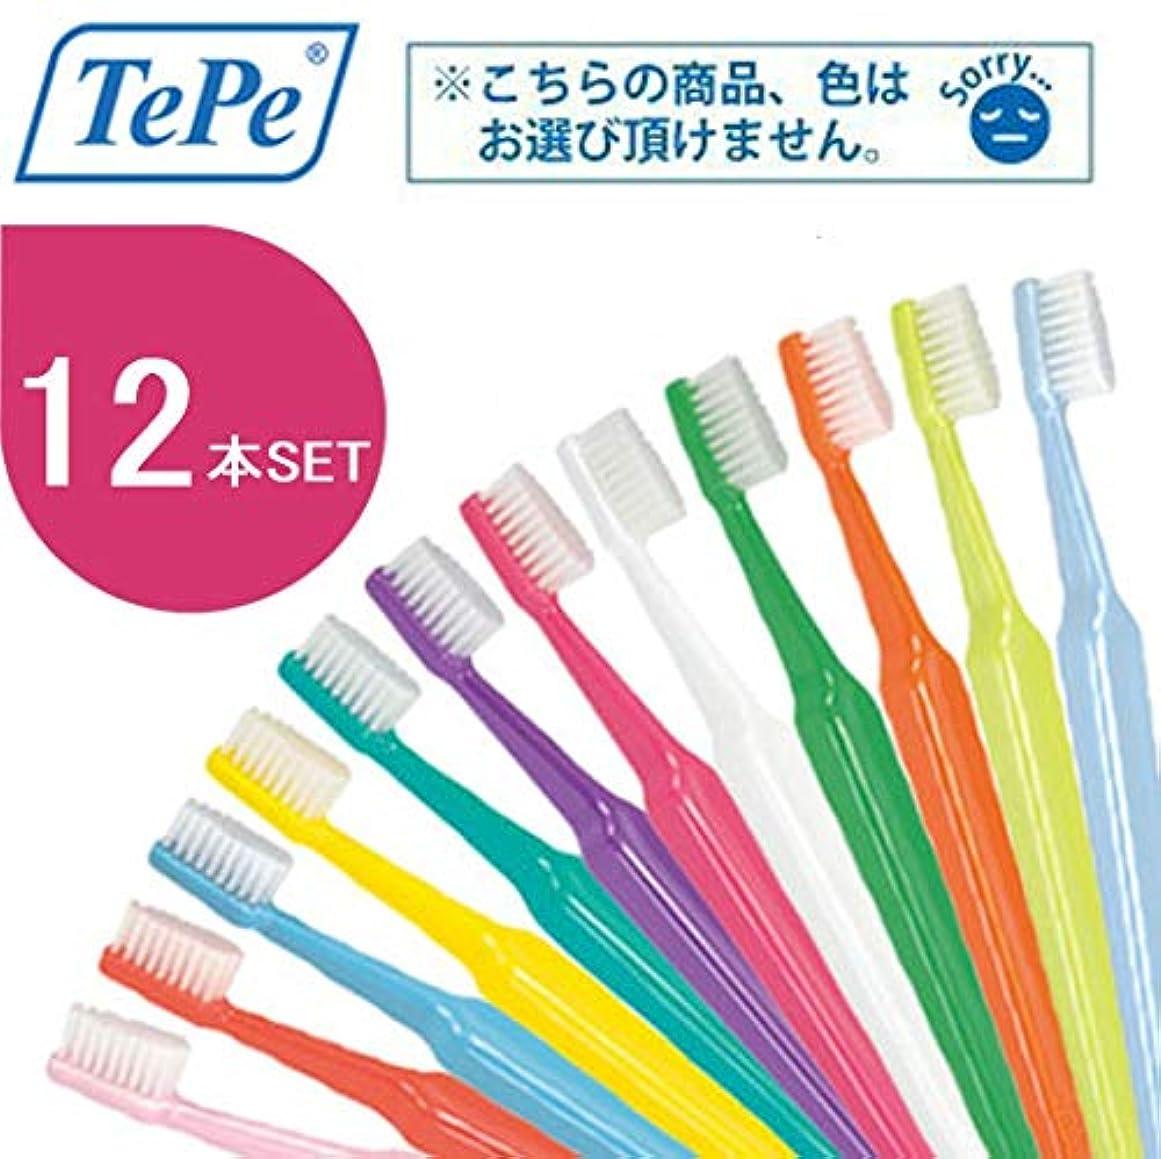 性交誘導貸し手クロスフィールド TePe テペ セレクト 歯ブラシ 12本 (エクストラソフト)